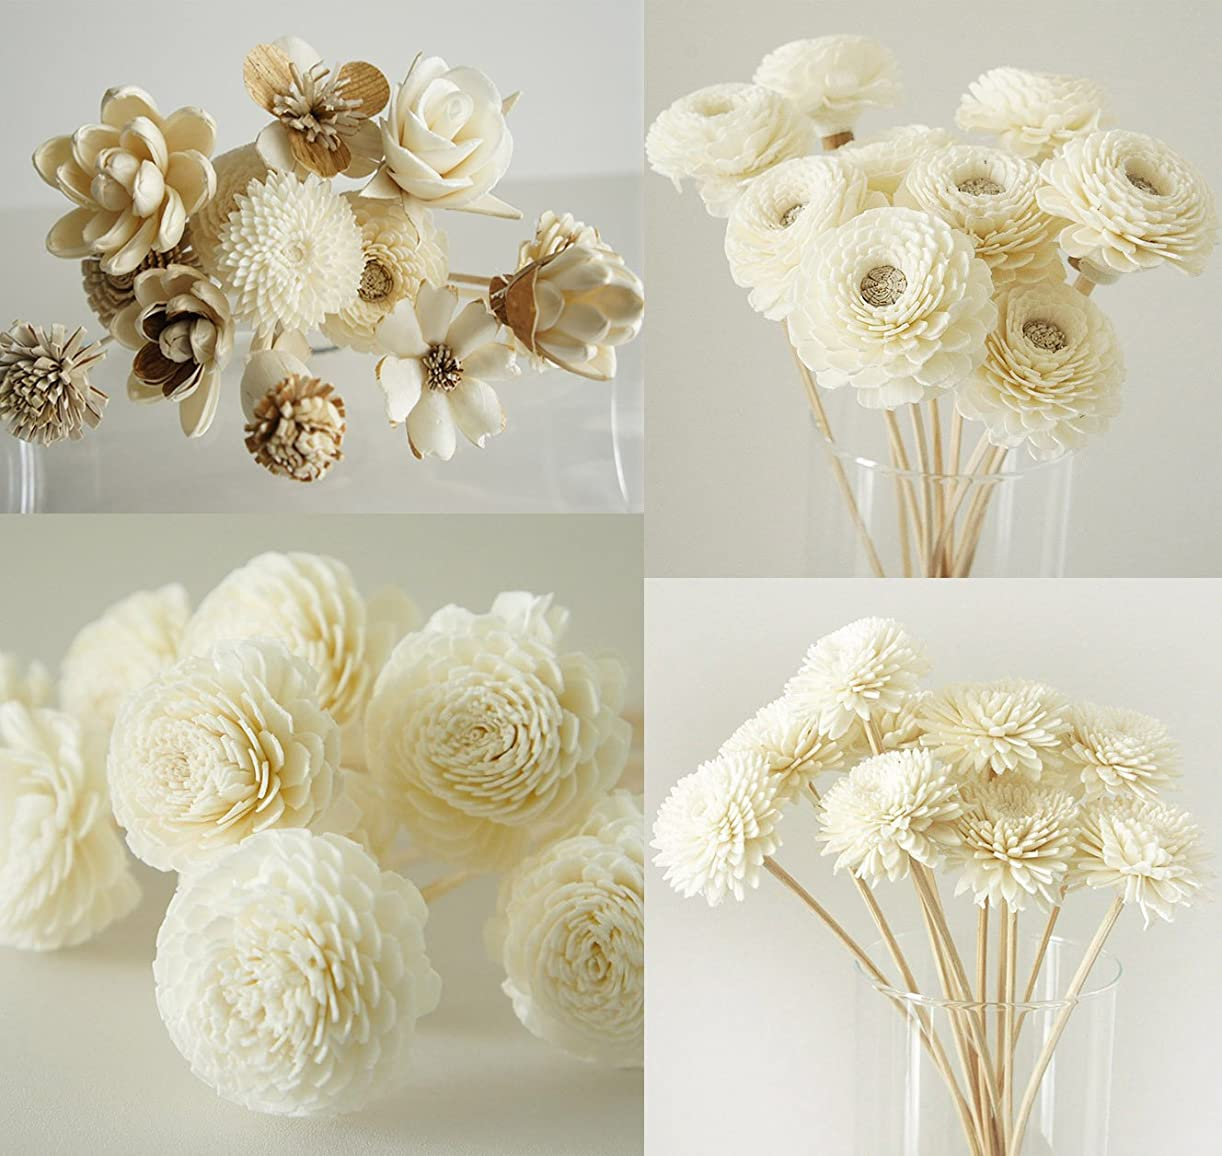 費やす無人ラウンジエキゾチックPlawanature Mix 4のセット42人気Sola Wood Flower with Reed Diffuser for Home Fragranceアロマオイル。